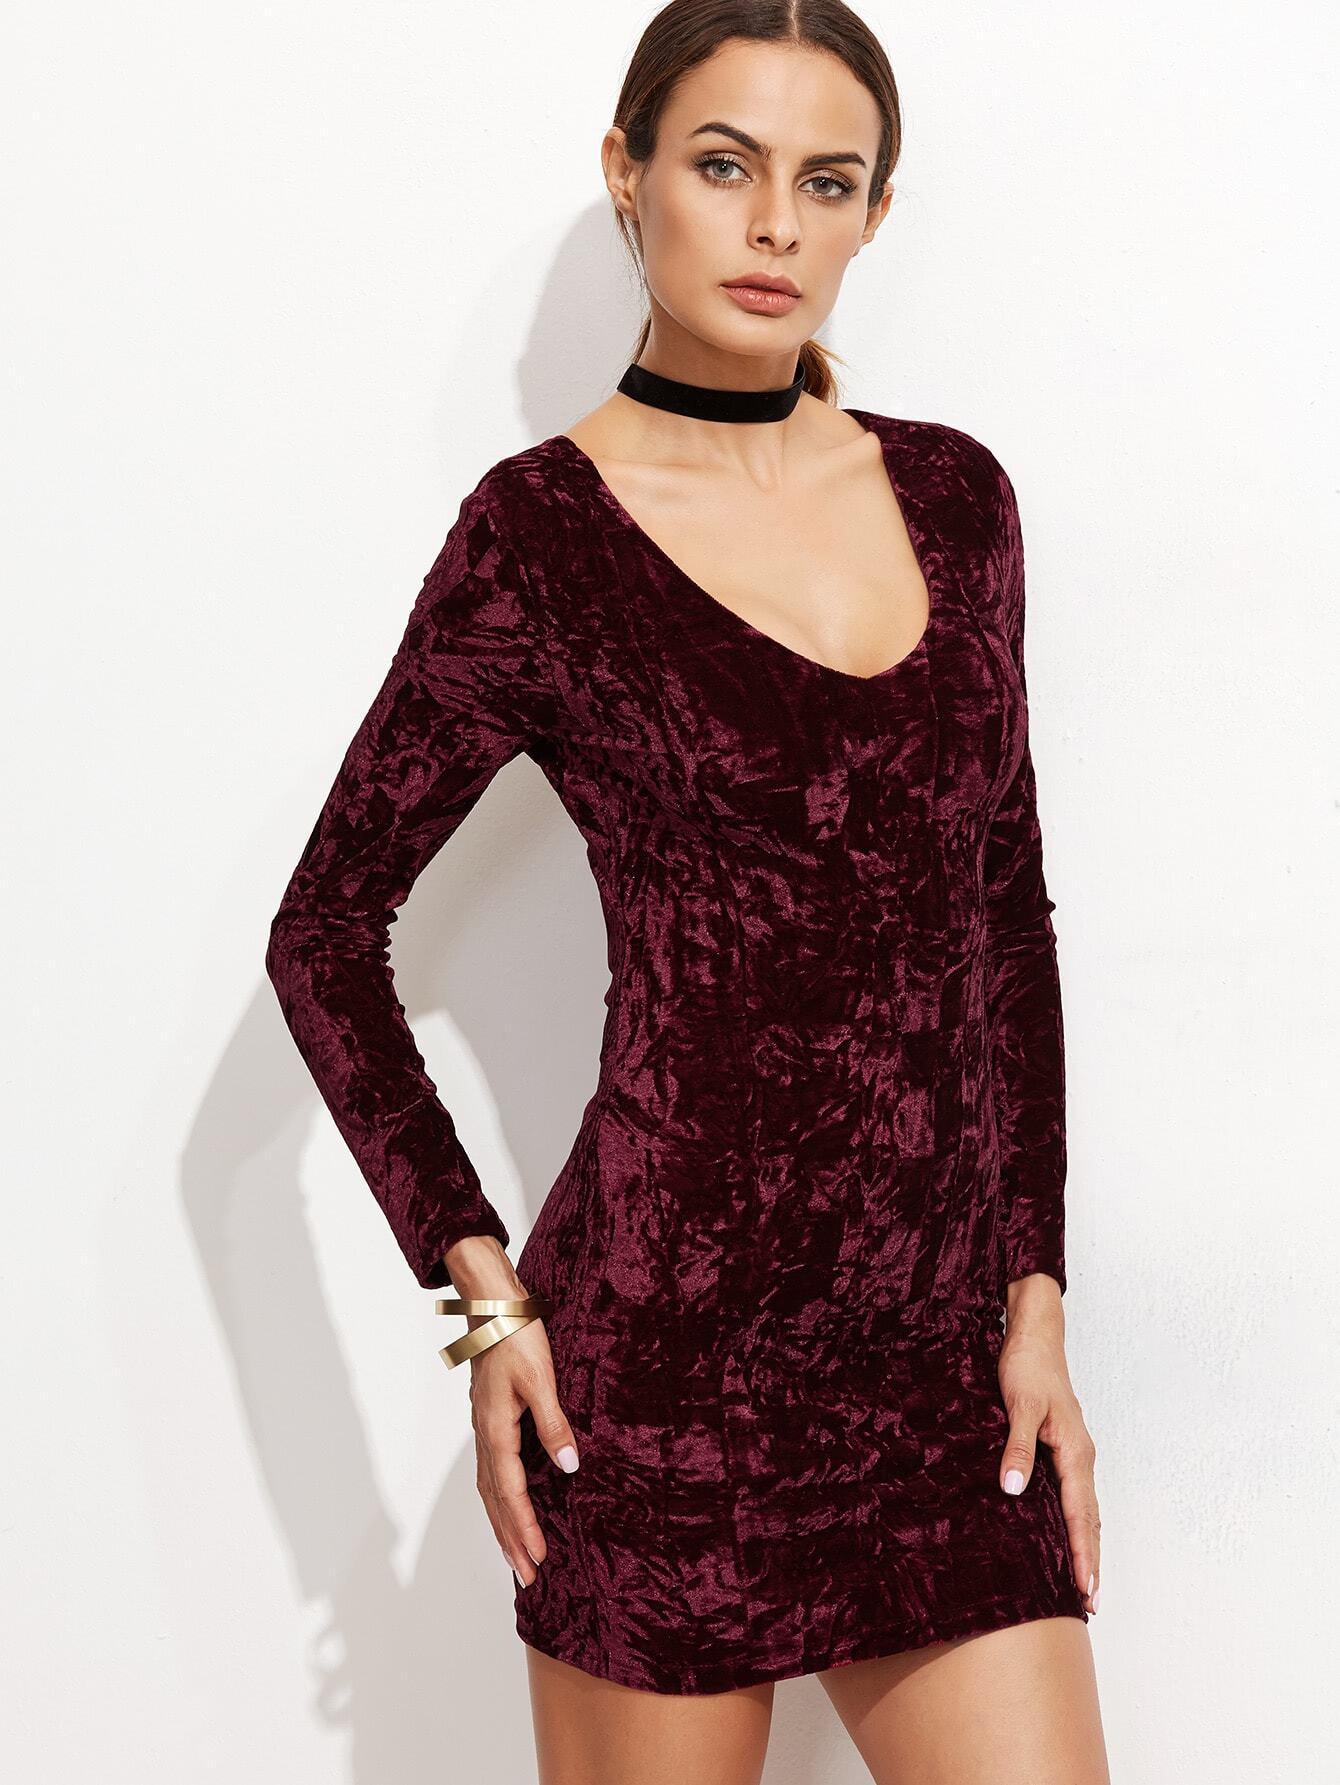 dress161020715_2